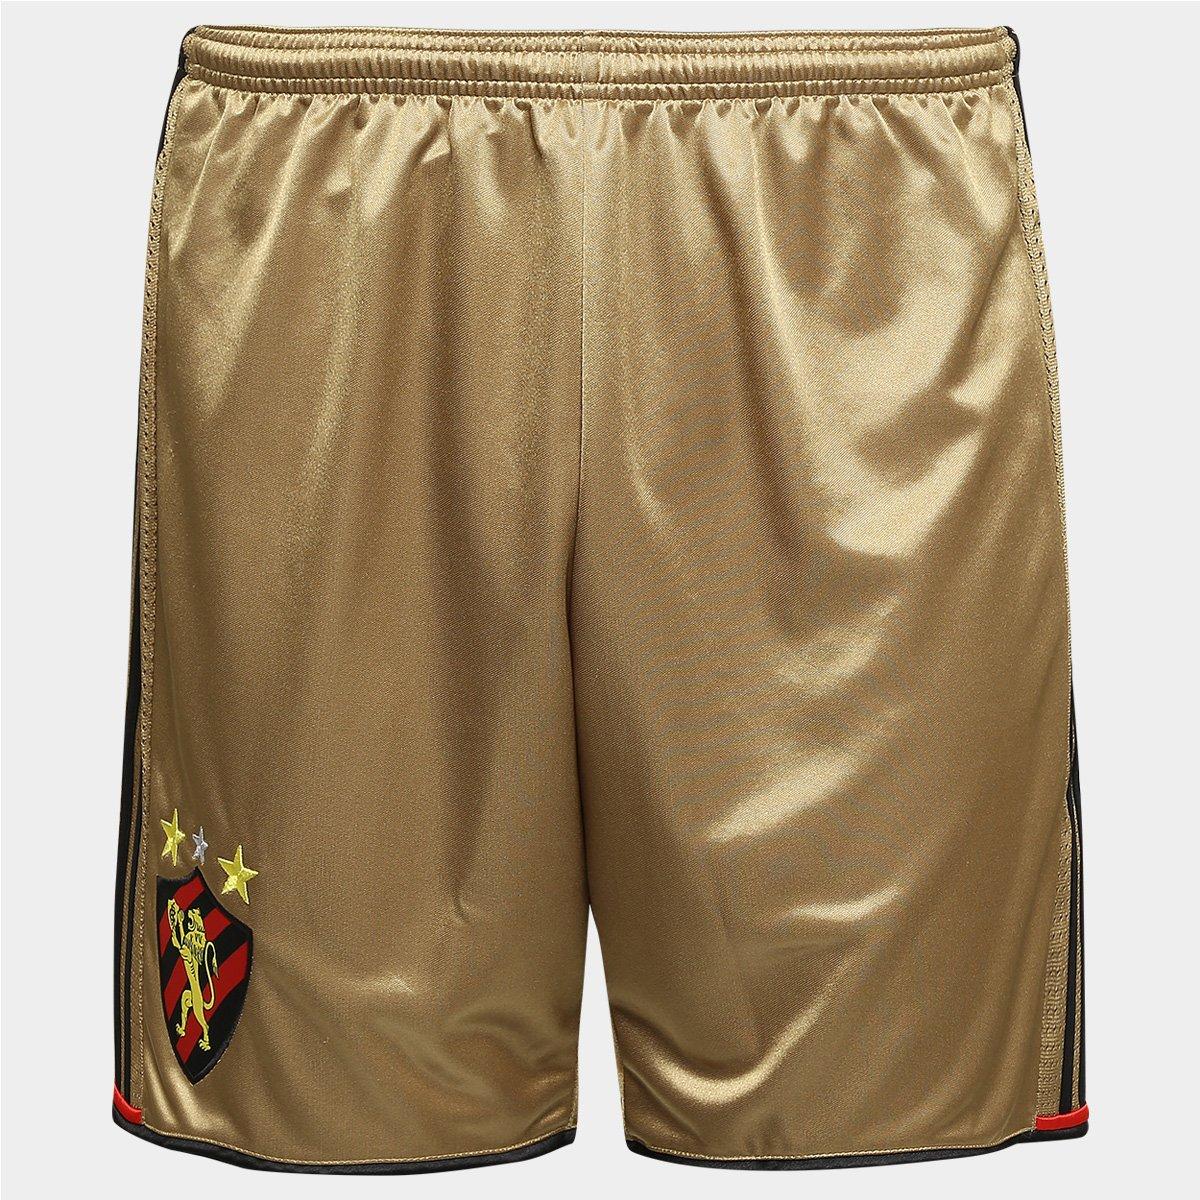 299dde1165012 Calção Sport Recife 2016 Adidas Masculino - Dourado - Compre Agora ...